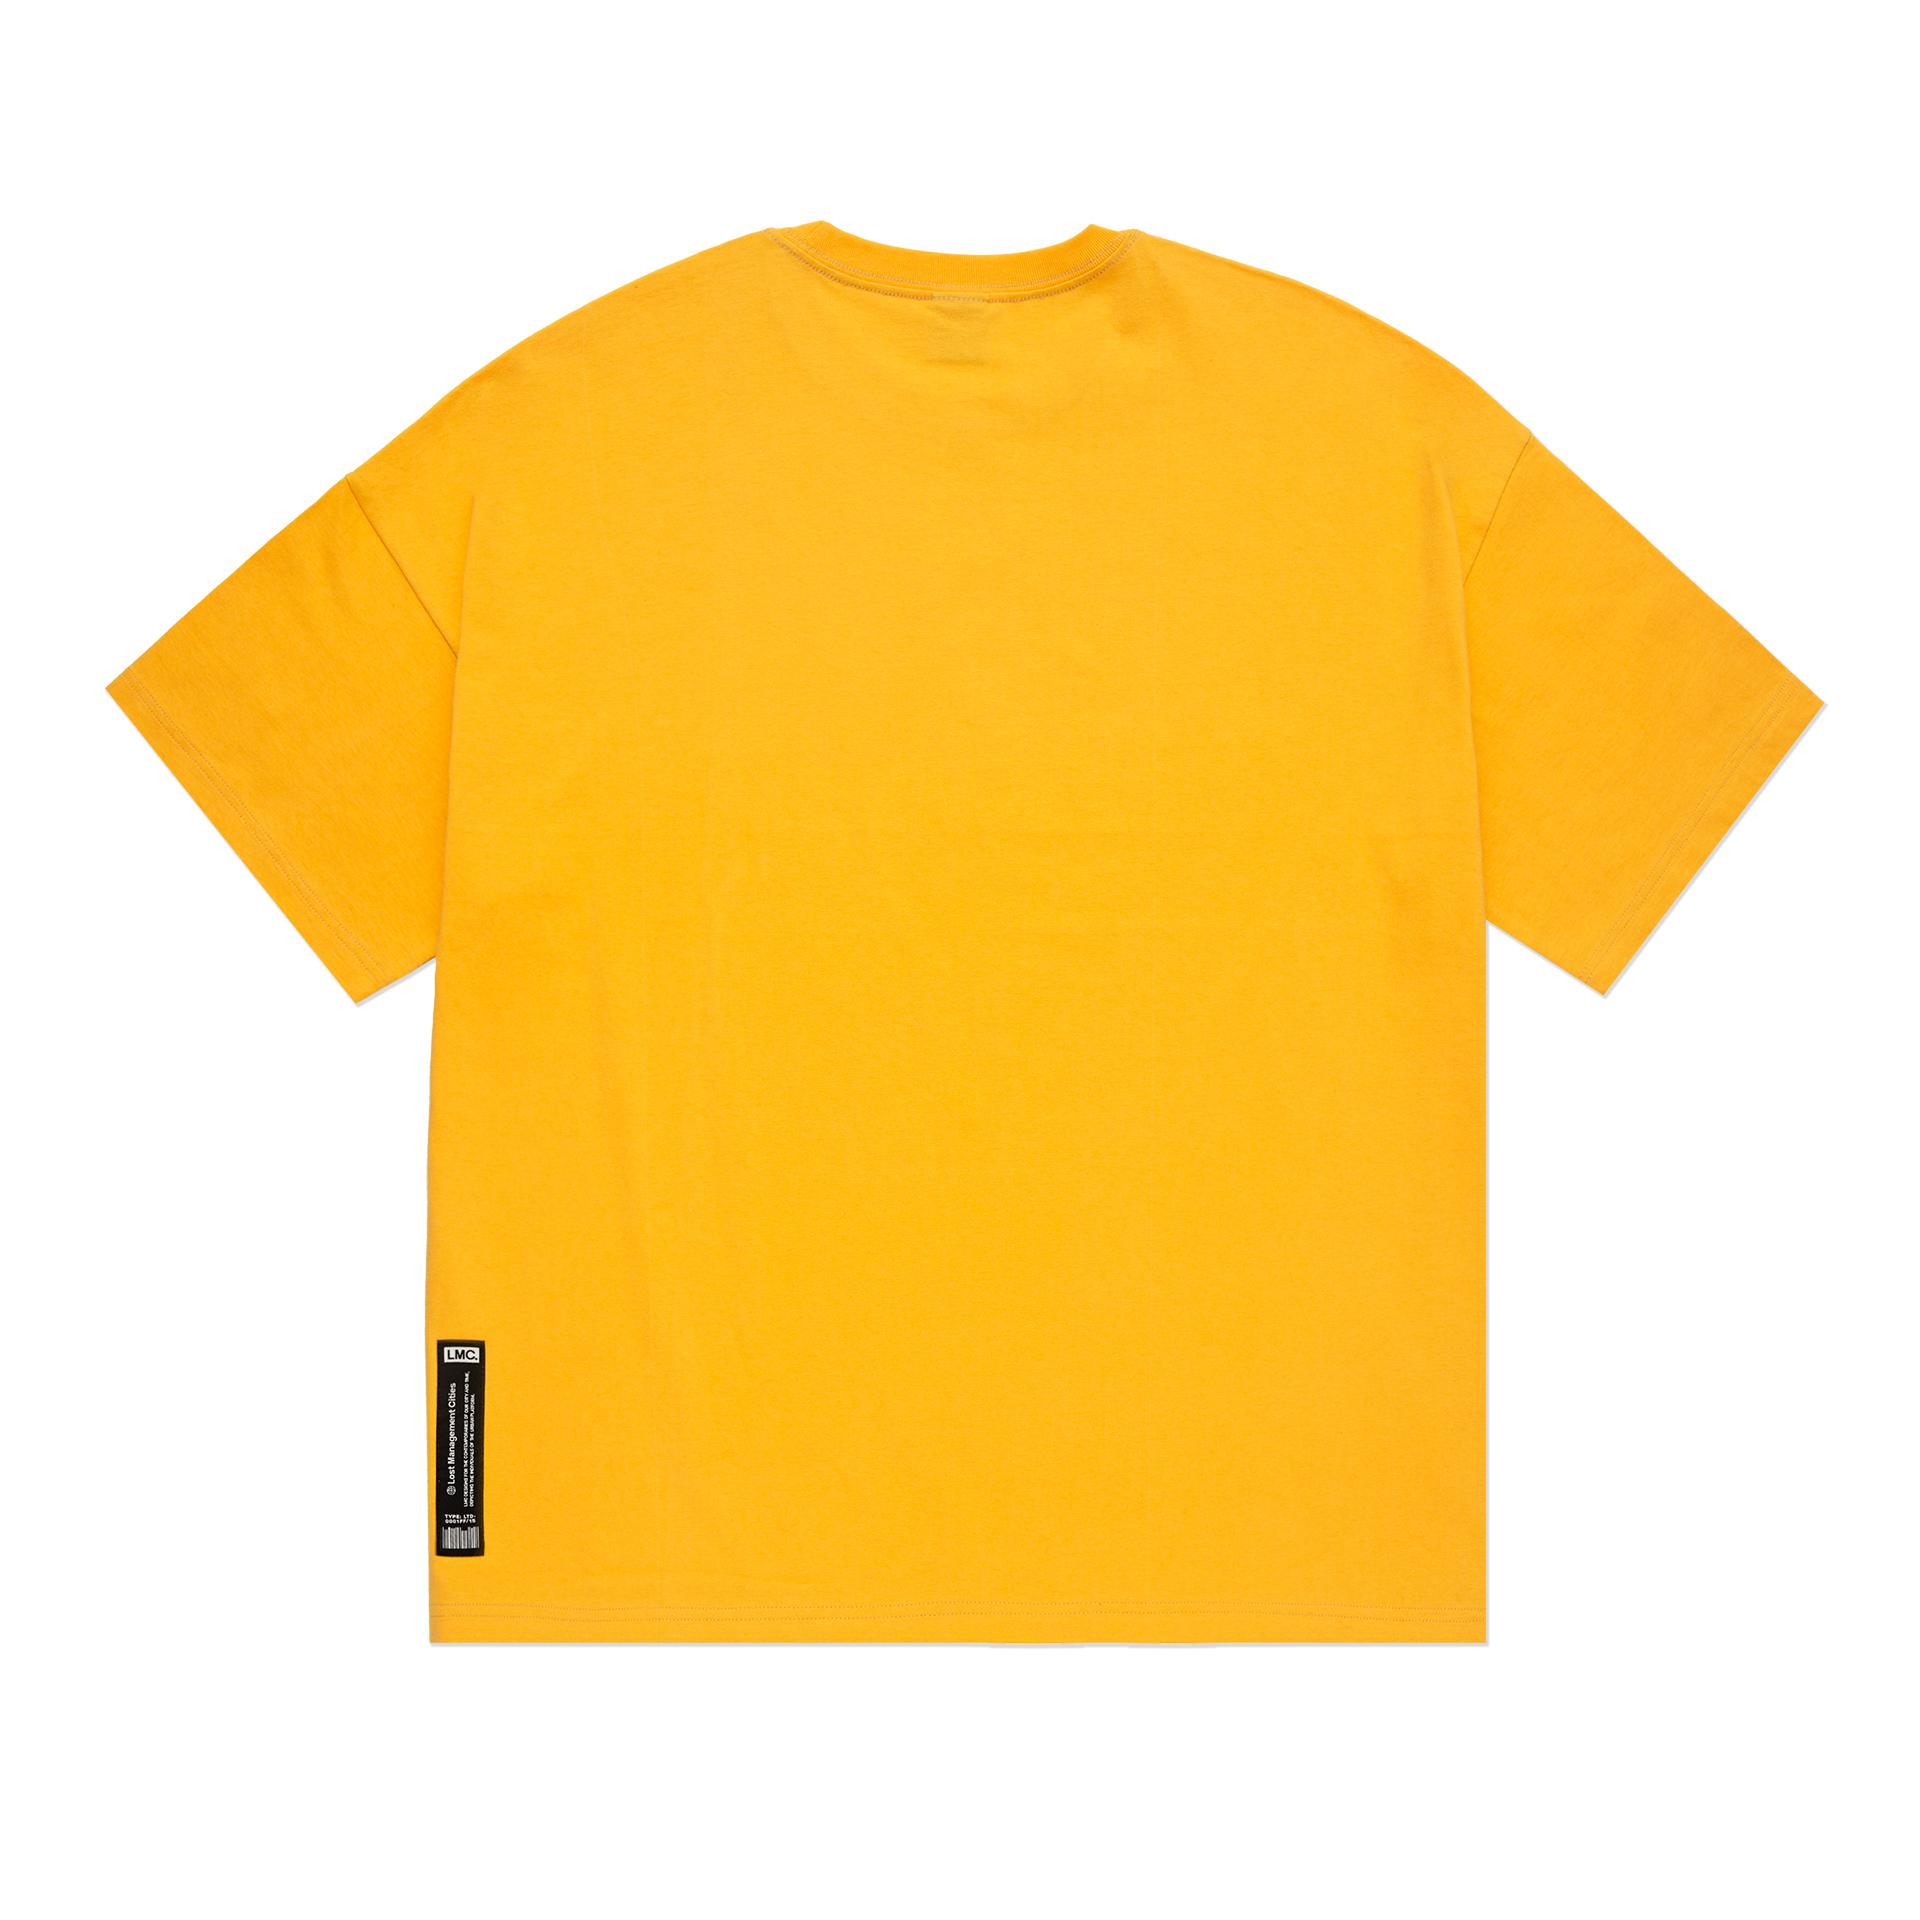 엘엠씨(LMC) LMC SMOKING ALIEN OVERSIZED TEE yellow